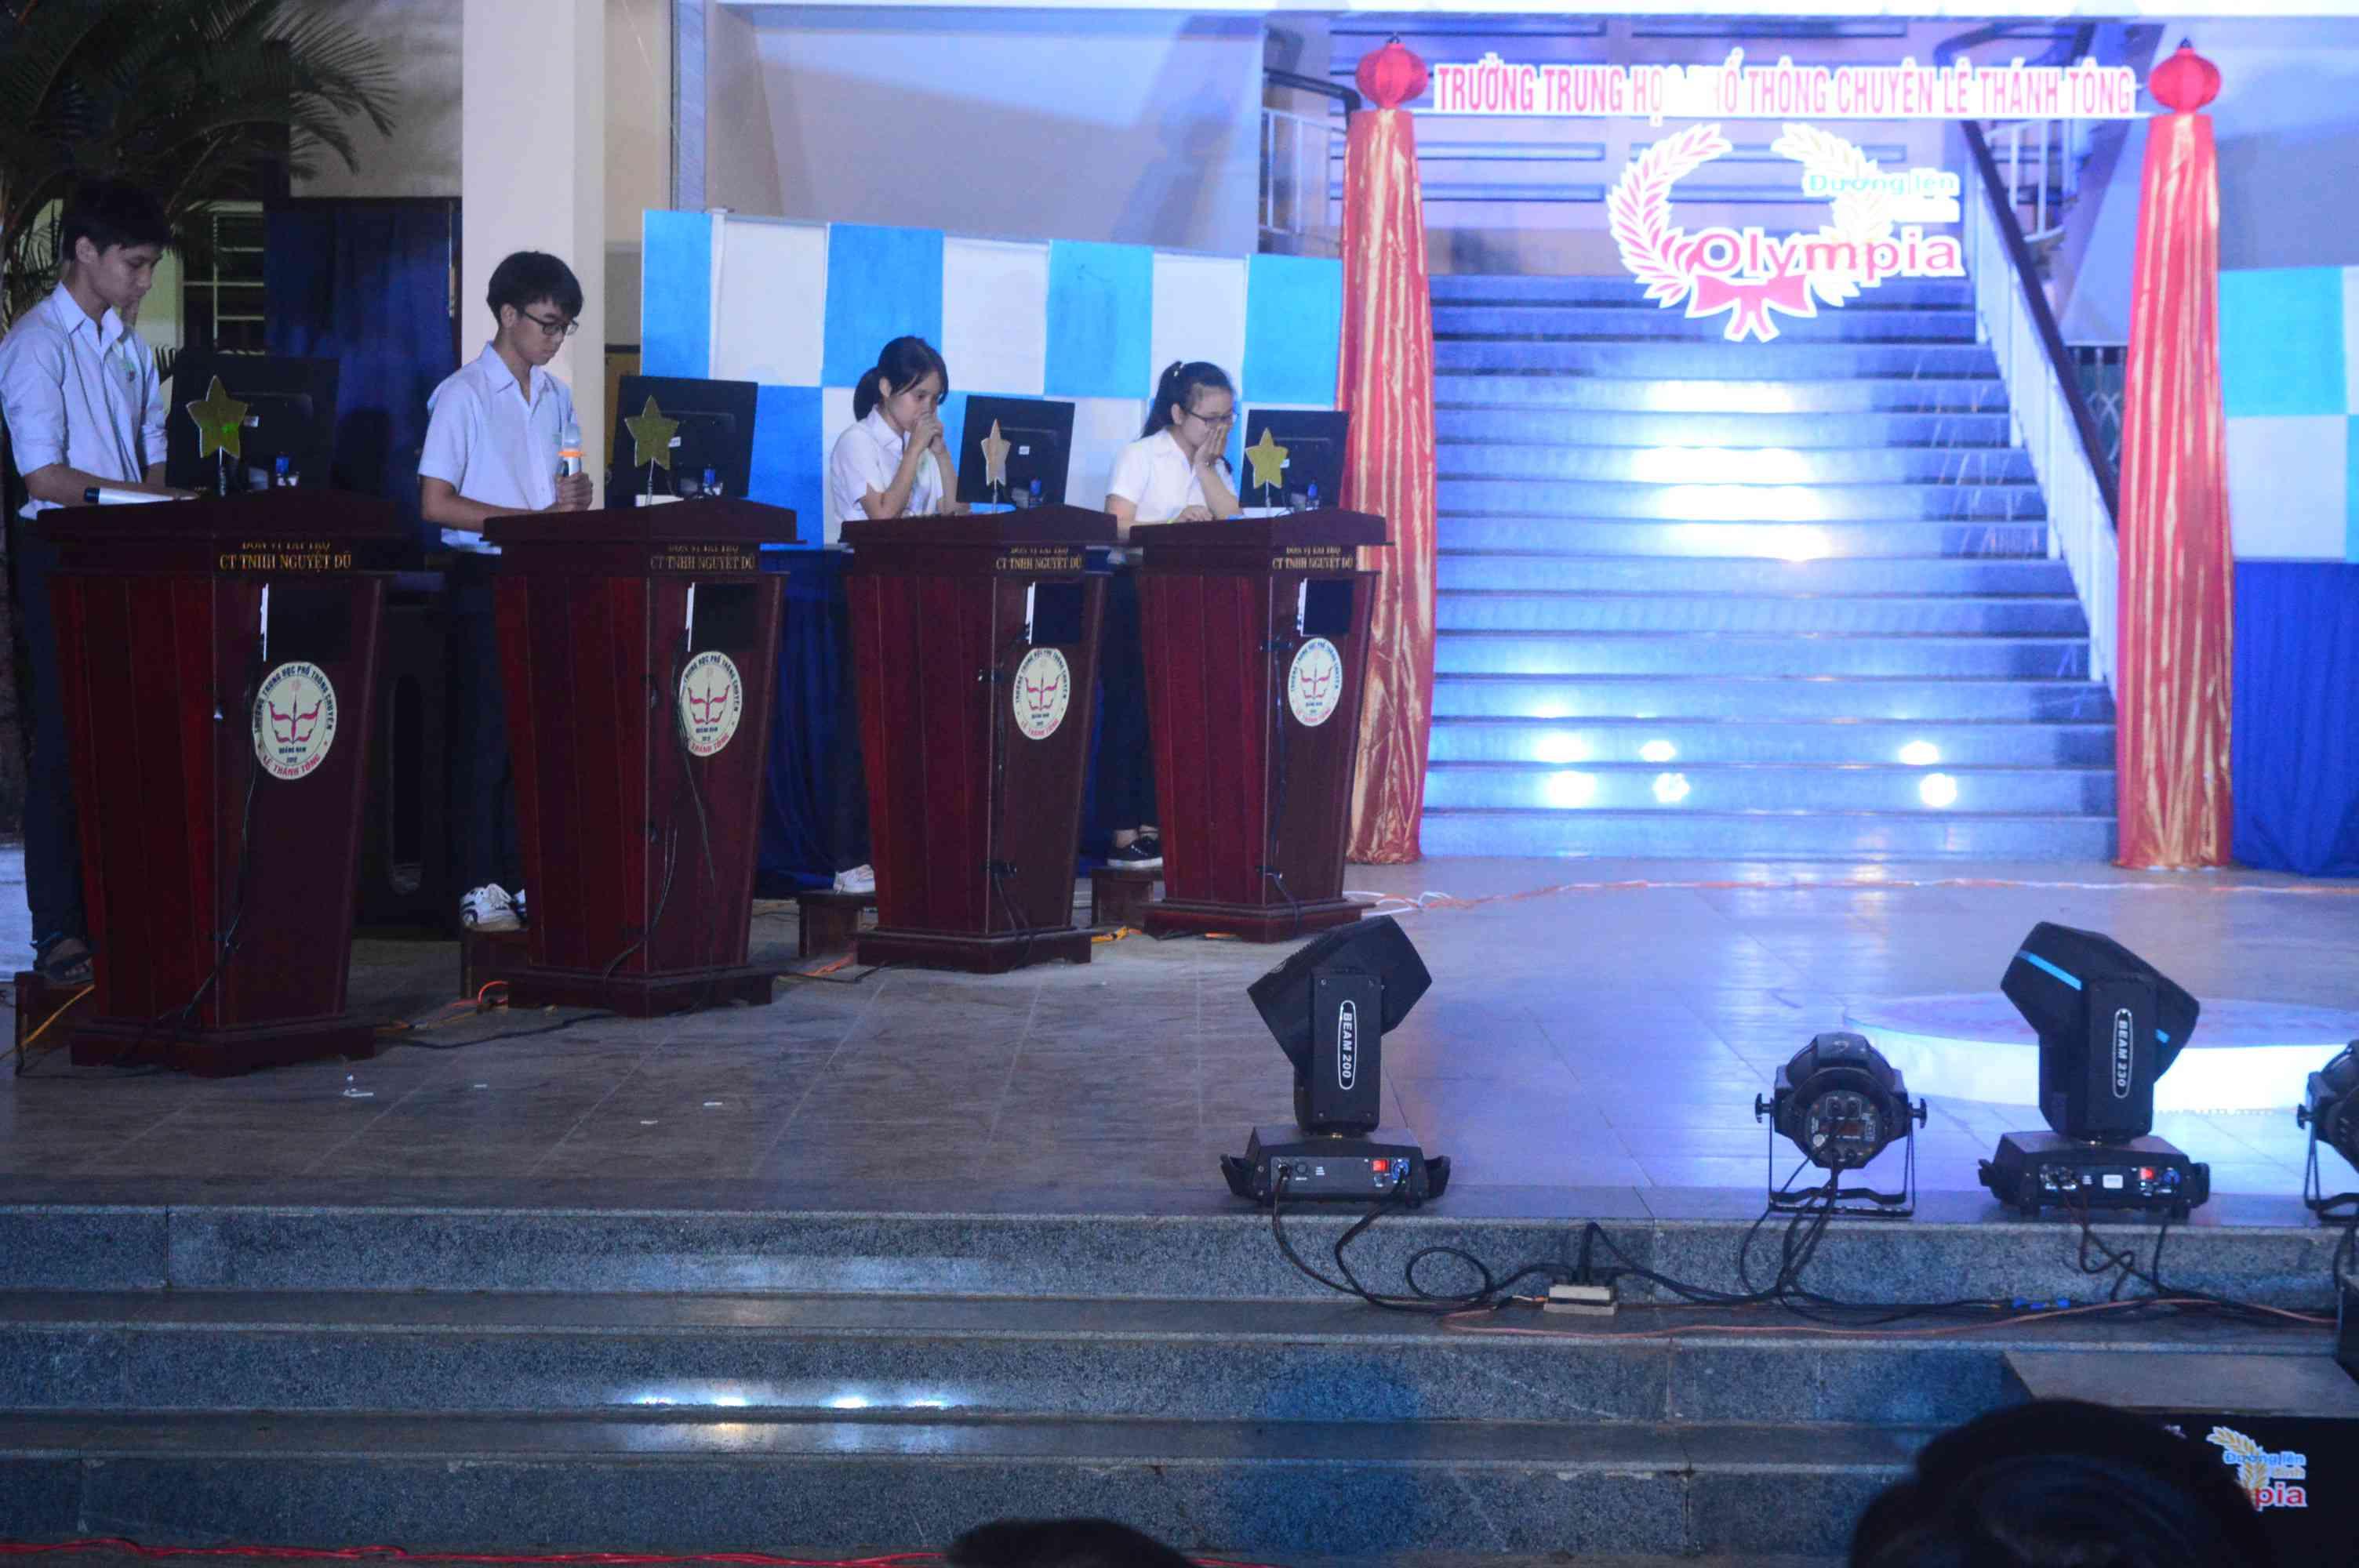 Các thí sinh sẽ trải qua các vòng thi tương tự như cuộc thi Đường lên đỉnh Olympia do Đài Truyền hình Việt Nam tổ chức. Ảnh: Q.T